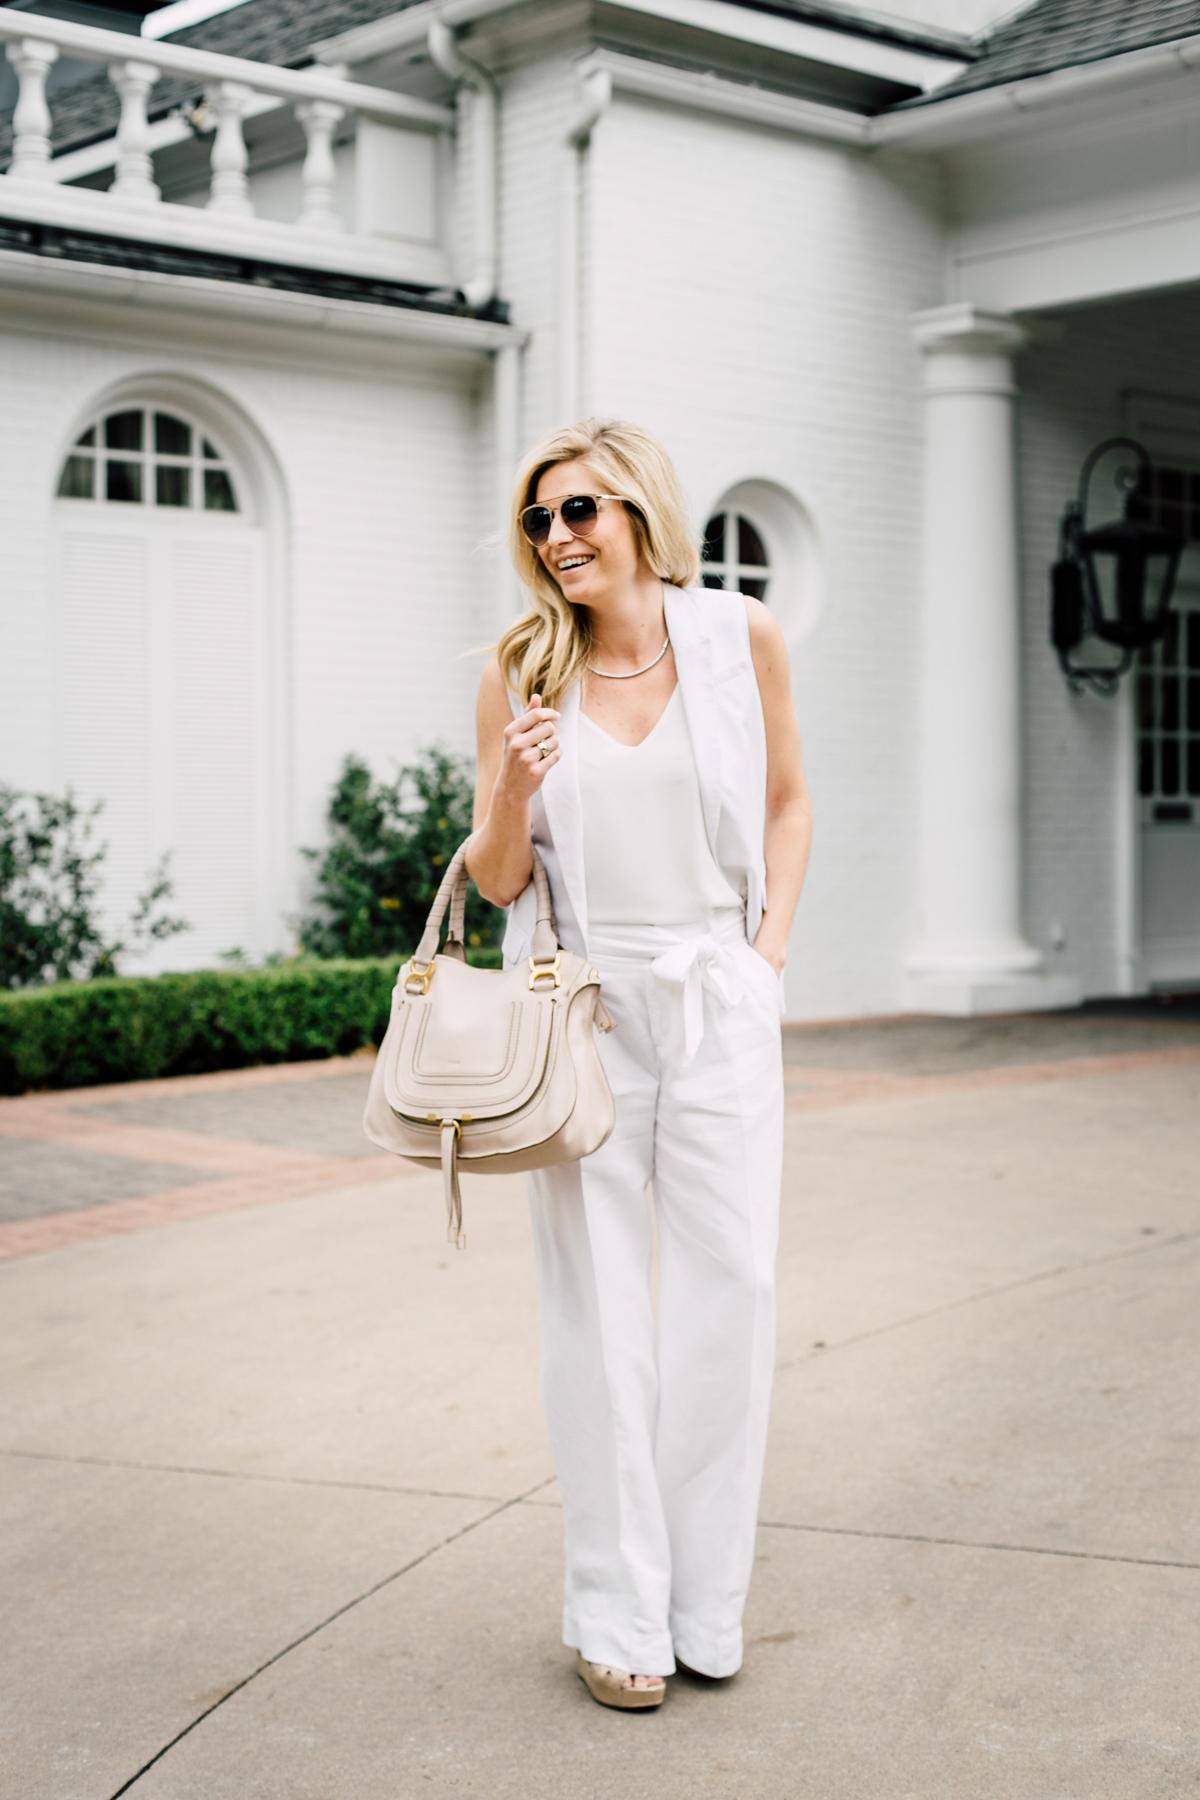 RS CON WHITE PARTY | One Small Blonde | Dallas Fashion Blogger